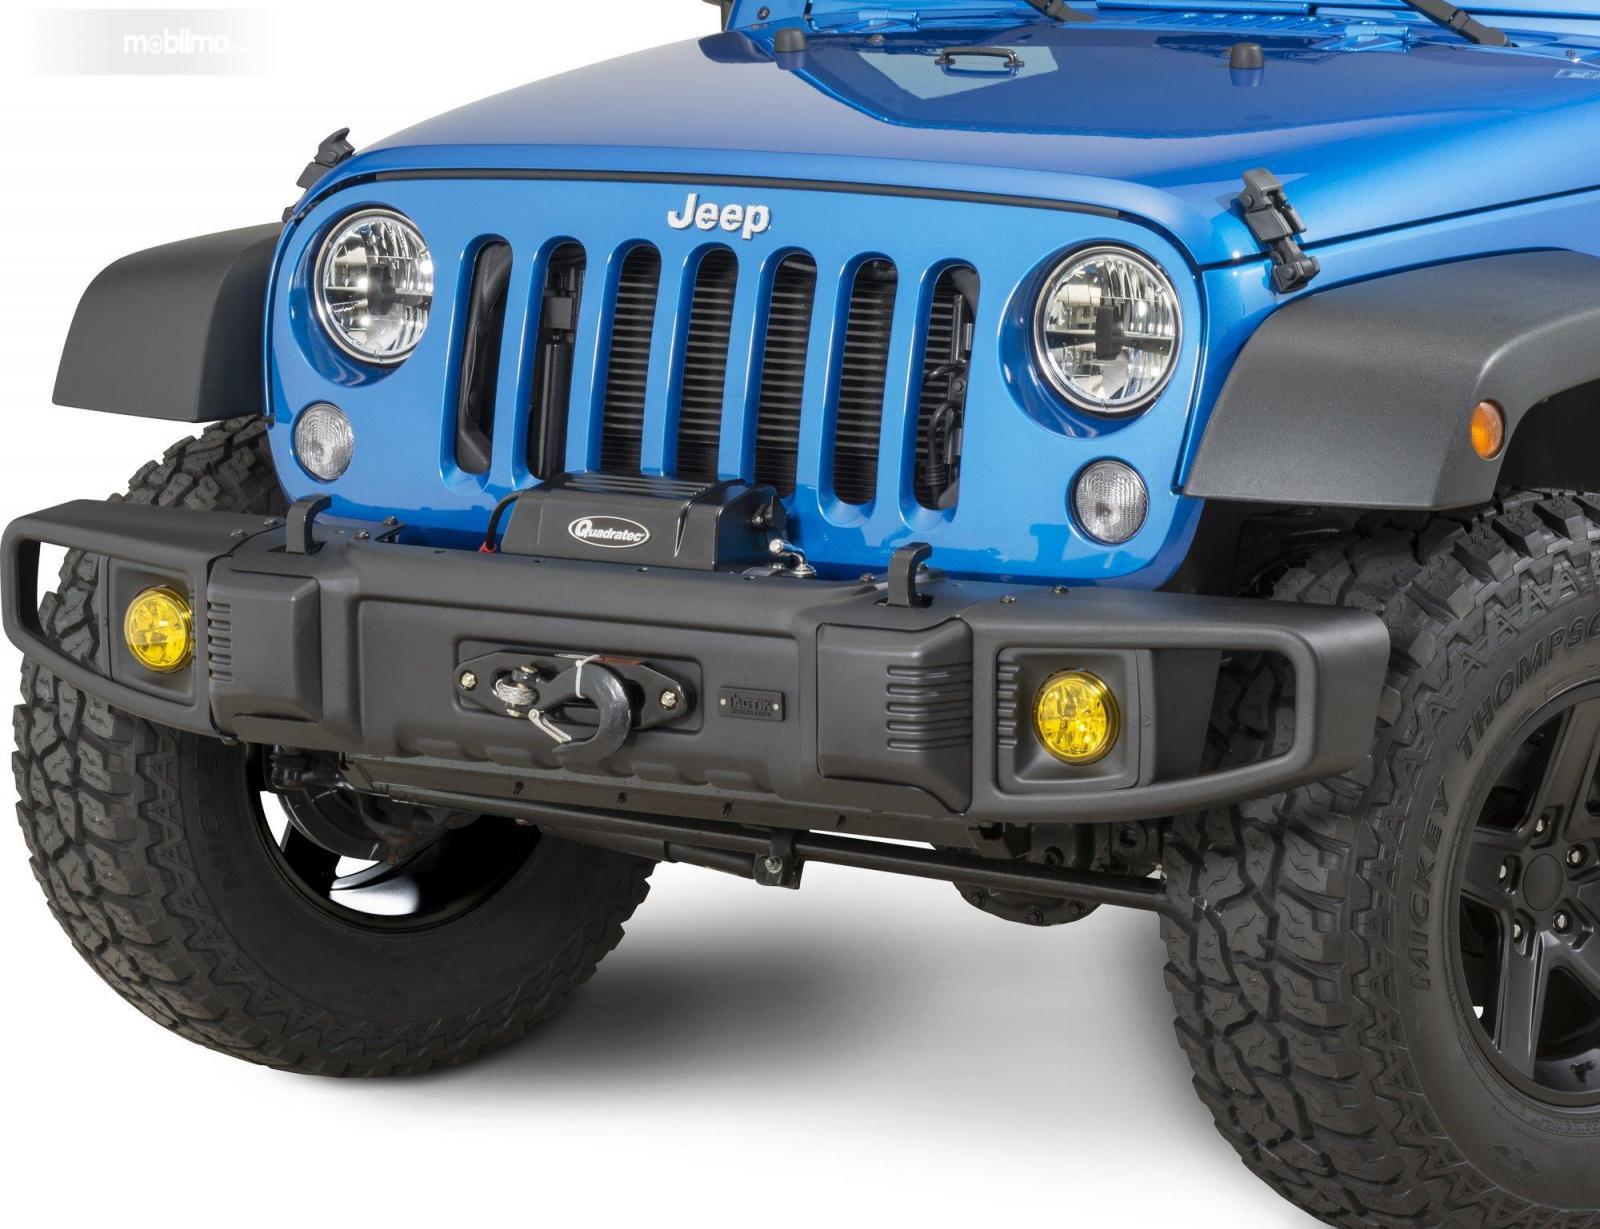 Foto lampu depan mobil Jeep, bentuk bundar